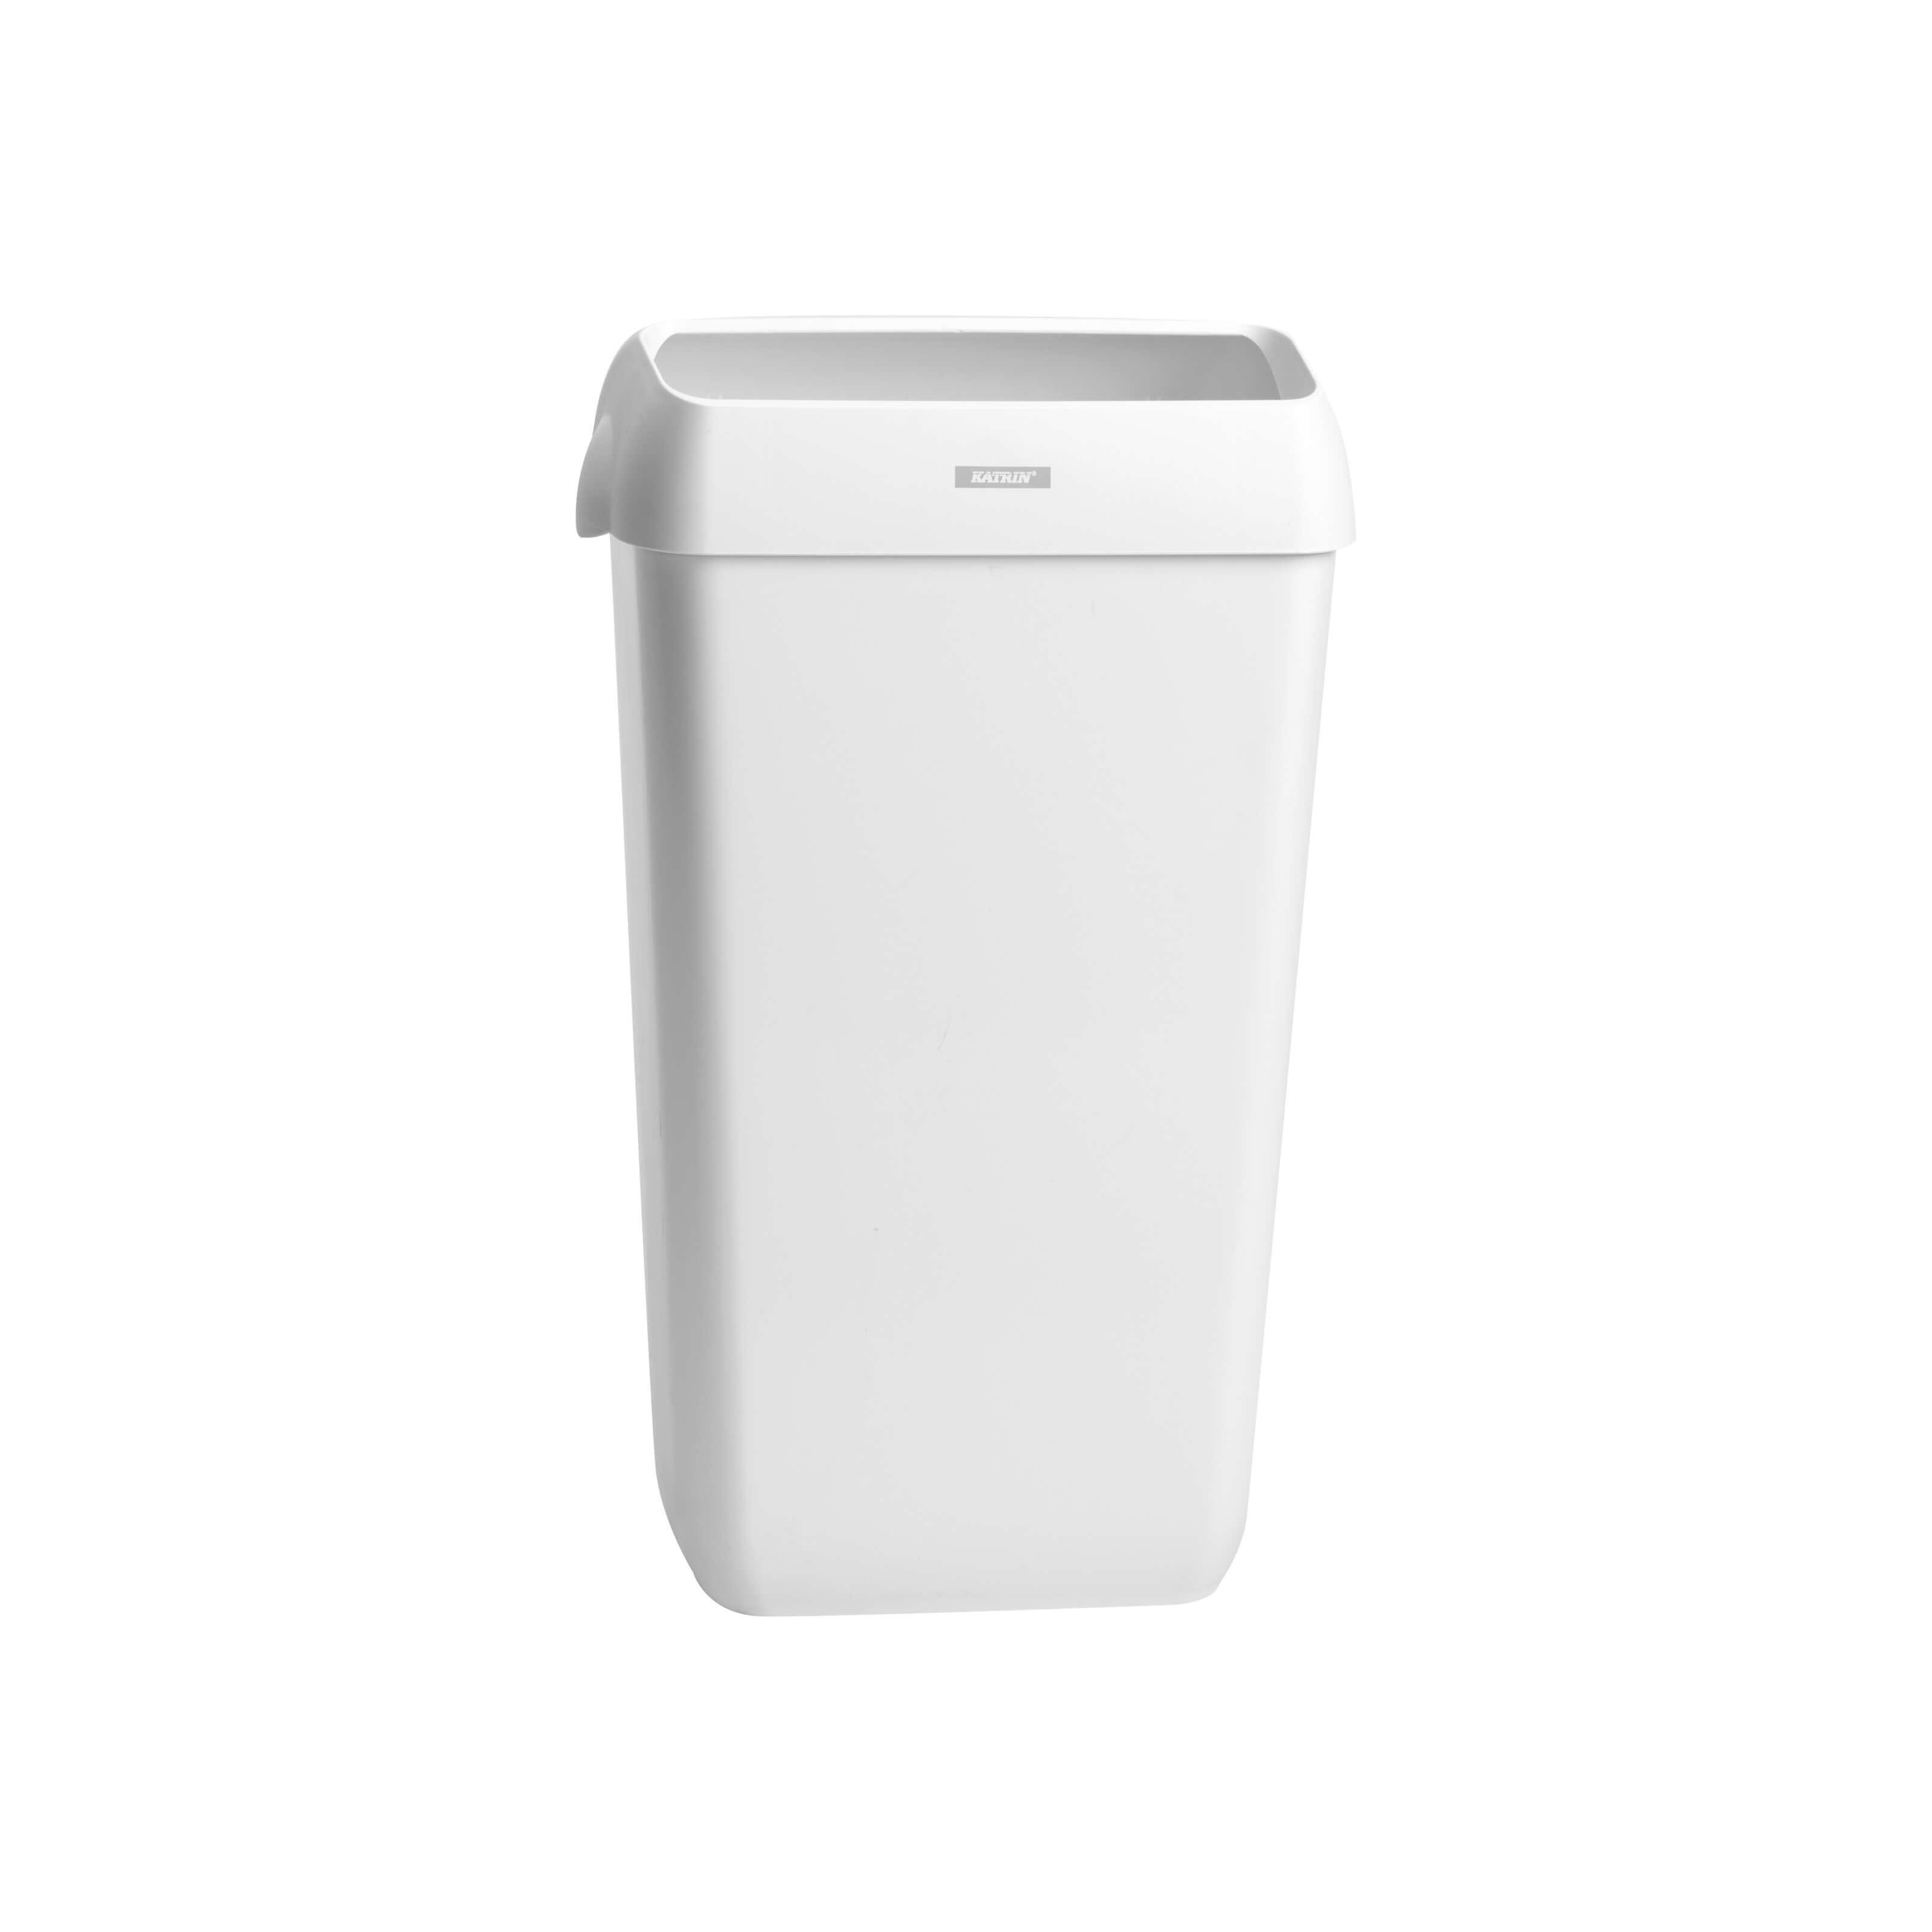 Katrin Waste Bin, papirkurv med låg, hvid, 50 L